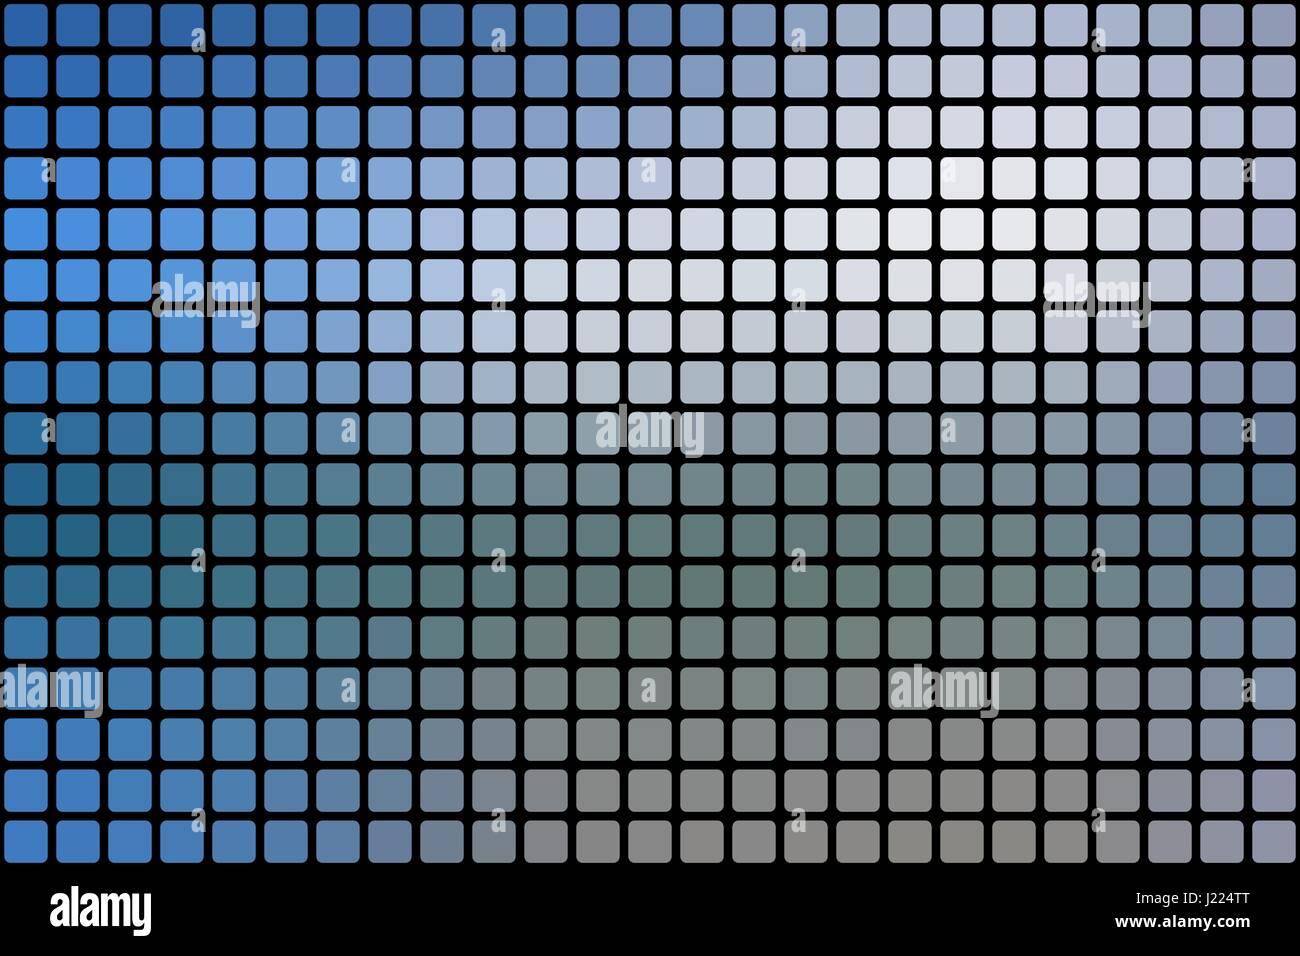 Bianco Blu Sfumature Vettore Mosaico Astratto Sfondo Con Quadrato